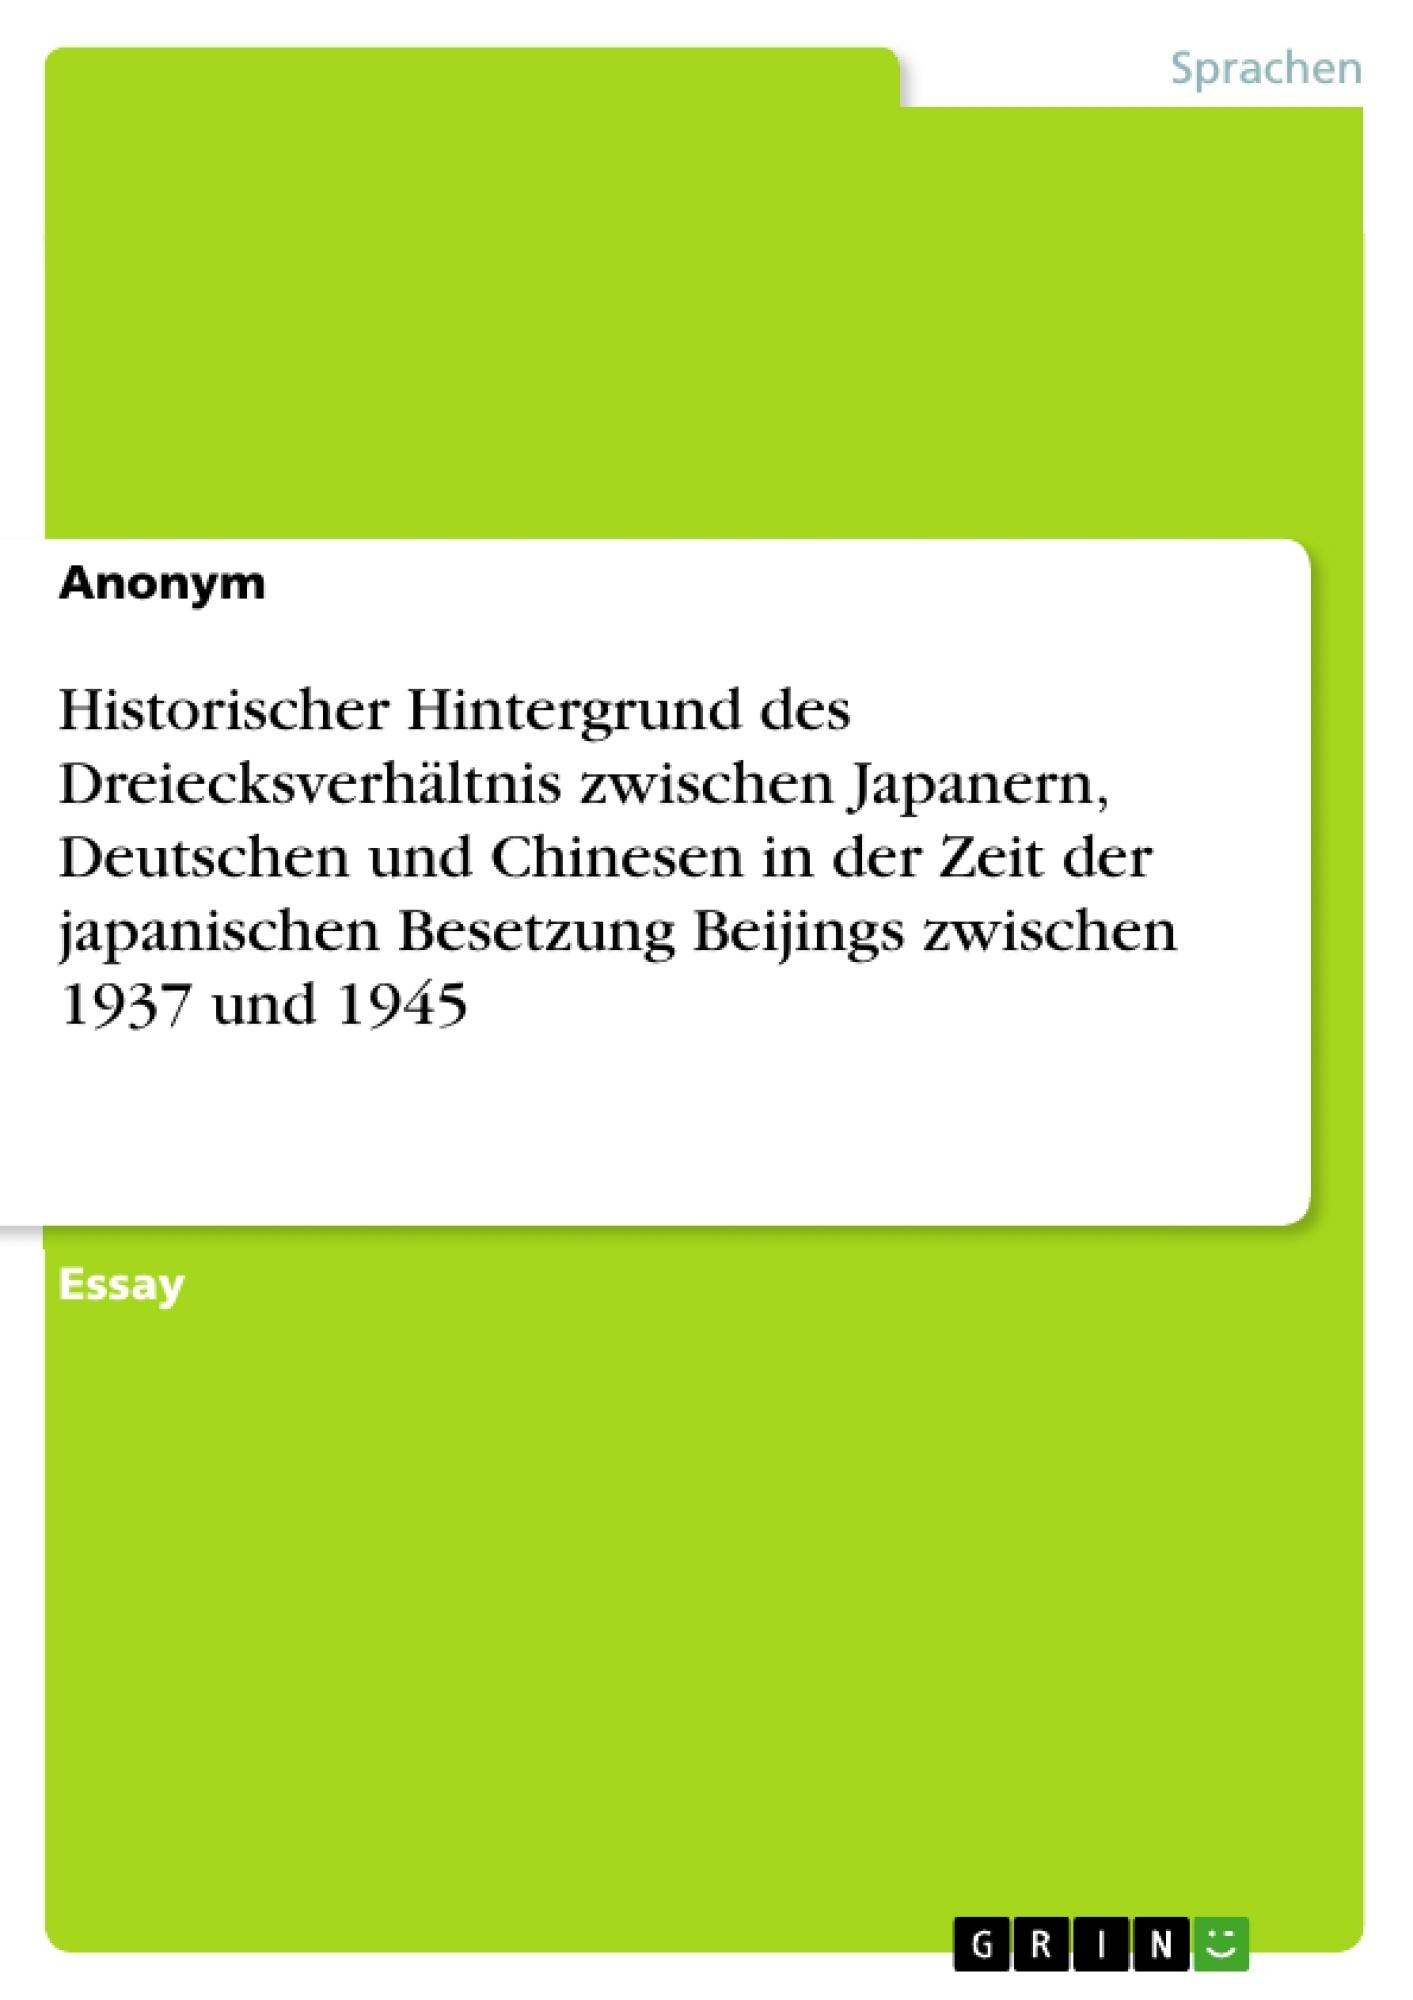 Titel: Historischer Hintergrund des Dreiecksverhältnis zwischen Japanern, Deutschen und Chinesen in der Zeit der japanischen Besetzung Beijings zwischen 1937 und 1945